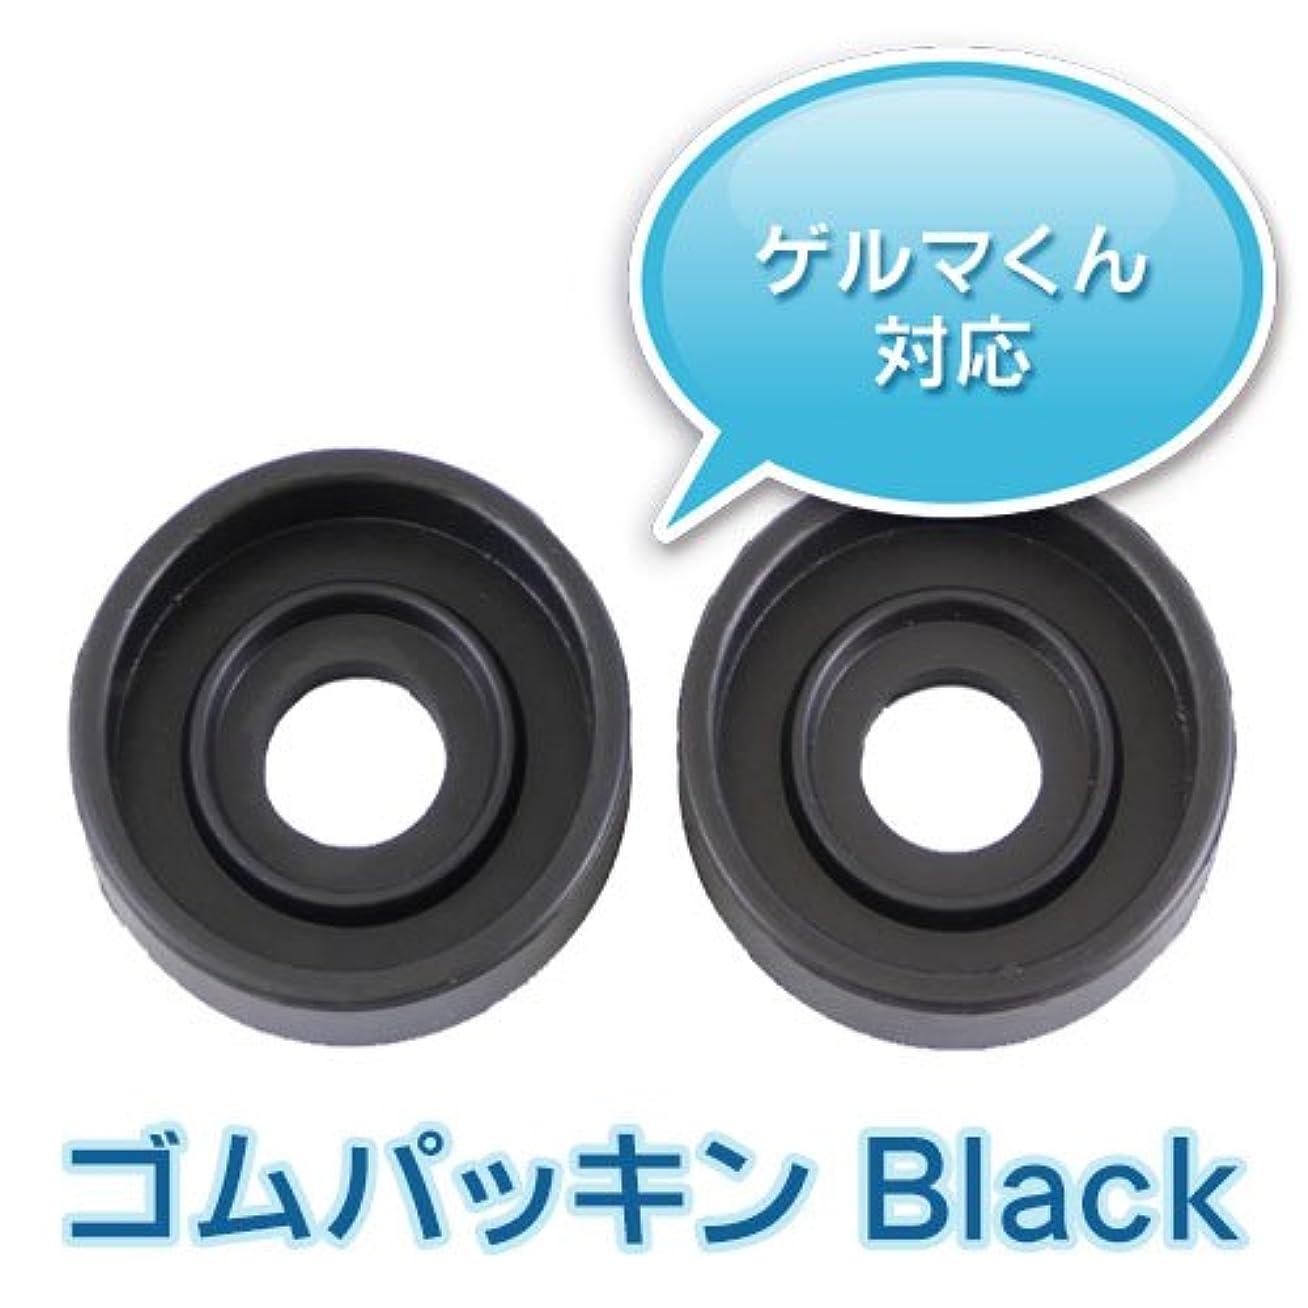 枯渇する利得重要なゲルマ温浴器専用ゴムパッキン2個(黒)★「ゲルマくん」対応